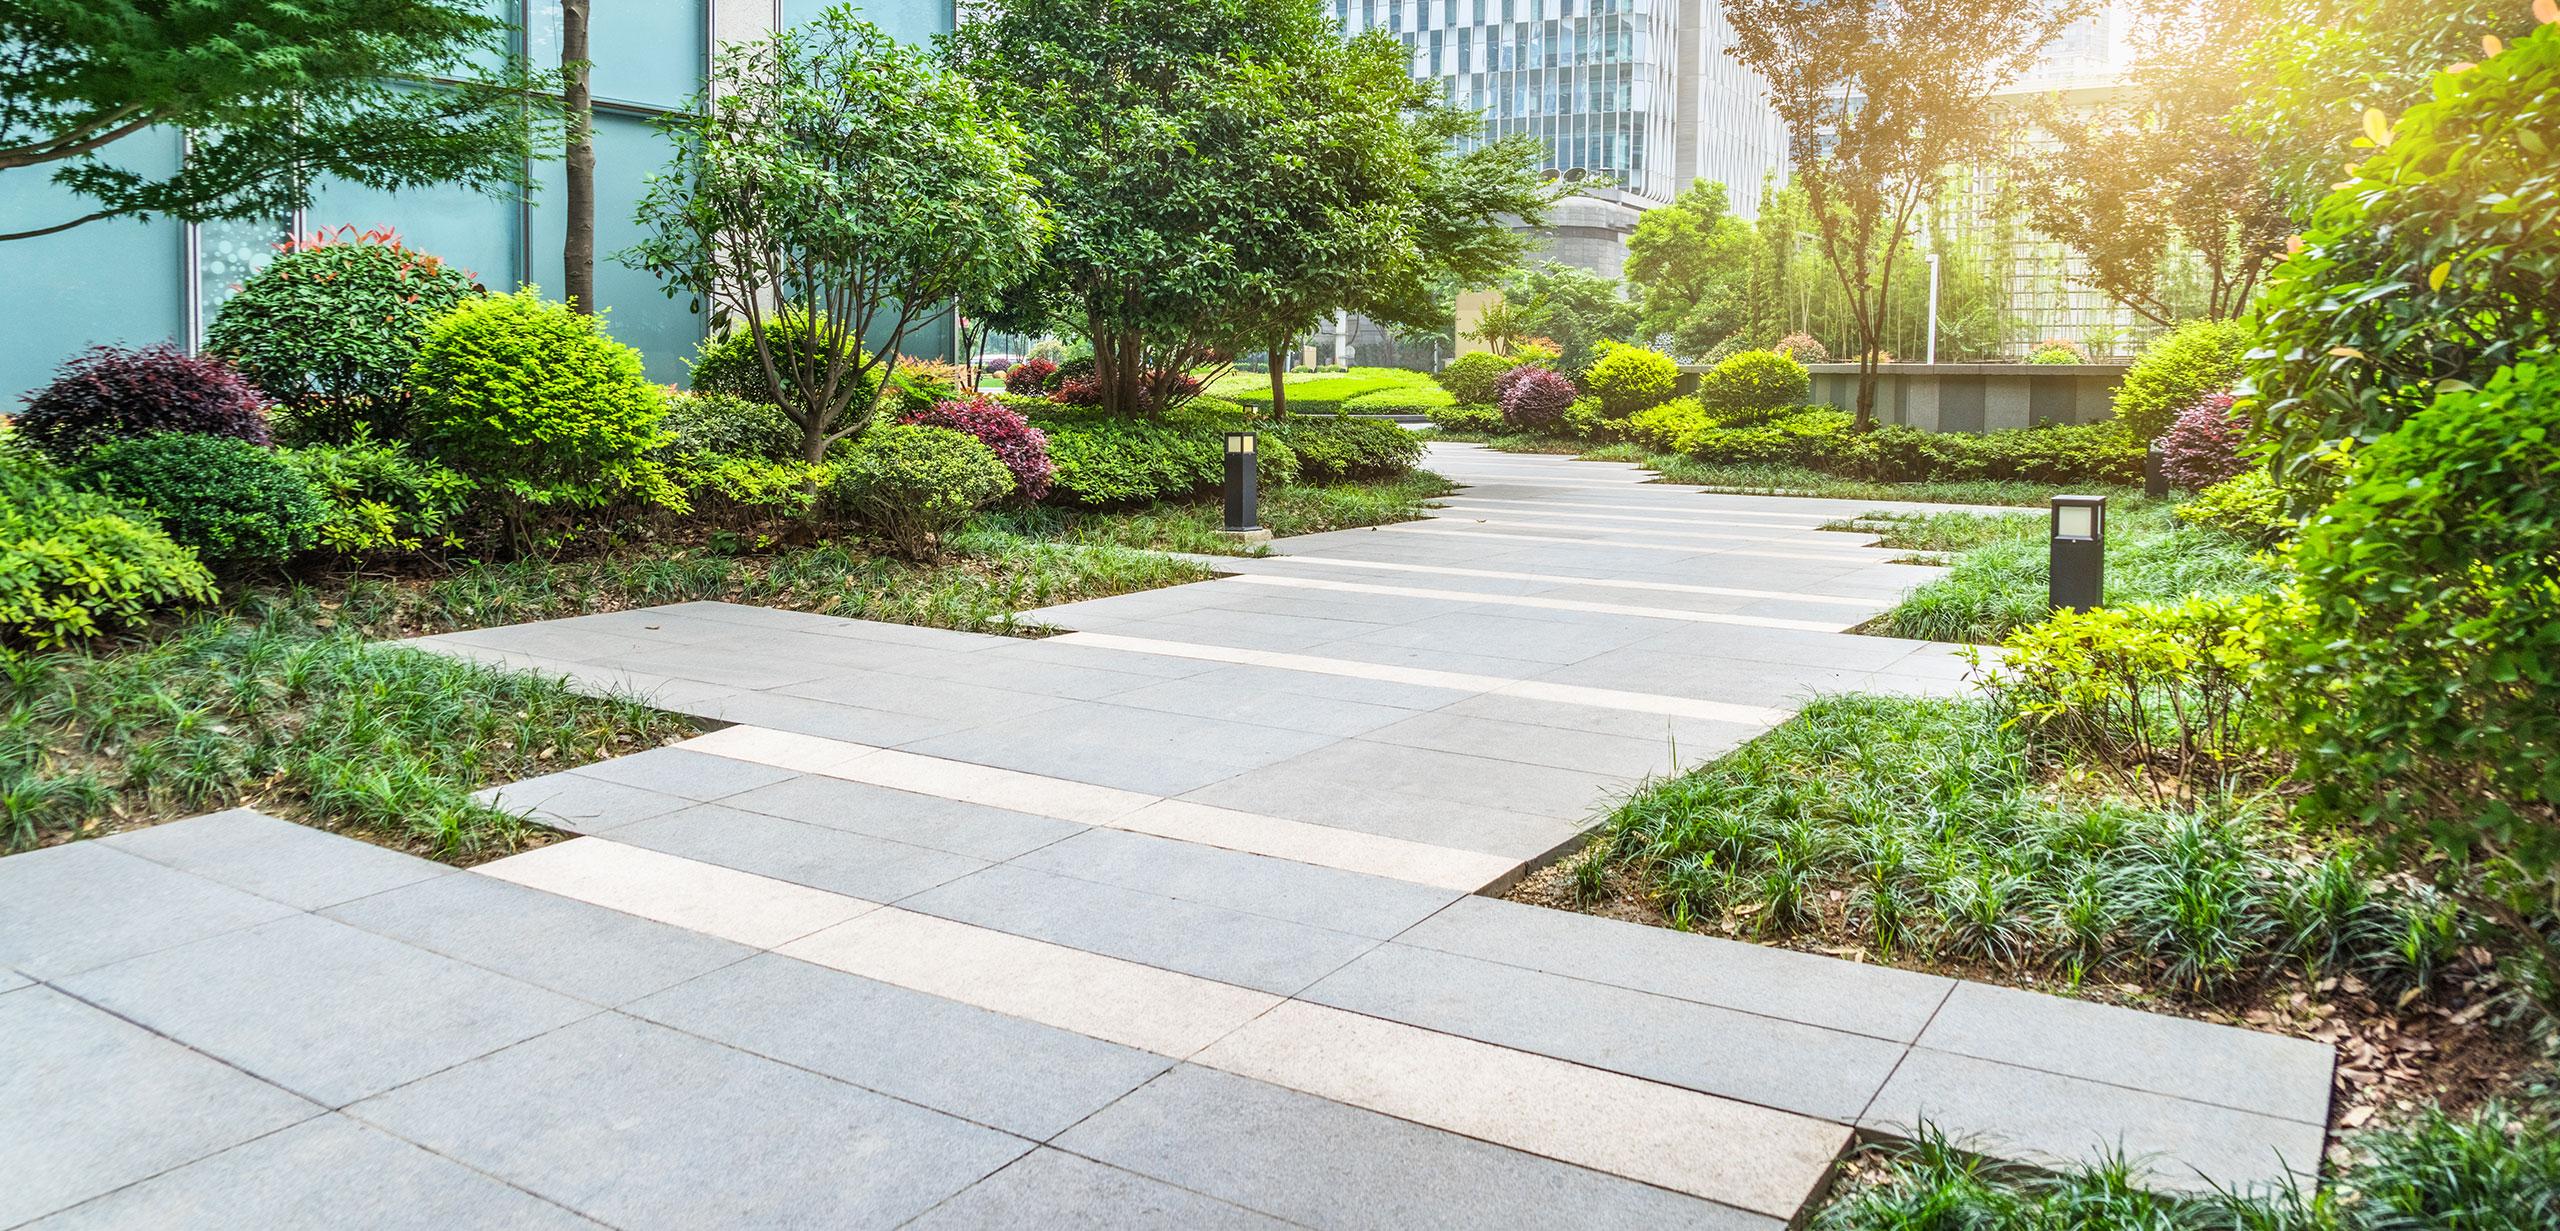 Gartenbau und Landschaftsbau für Gewerbekunden und Wohnungsgesellschaften